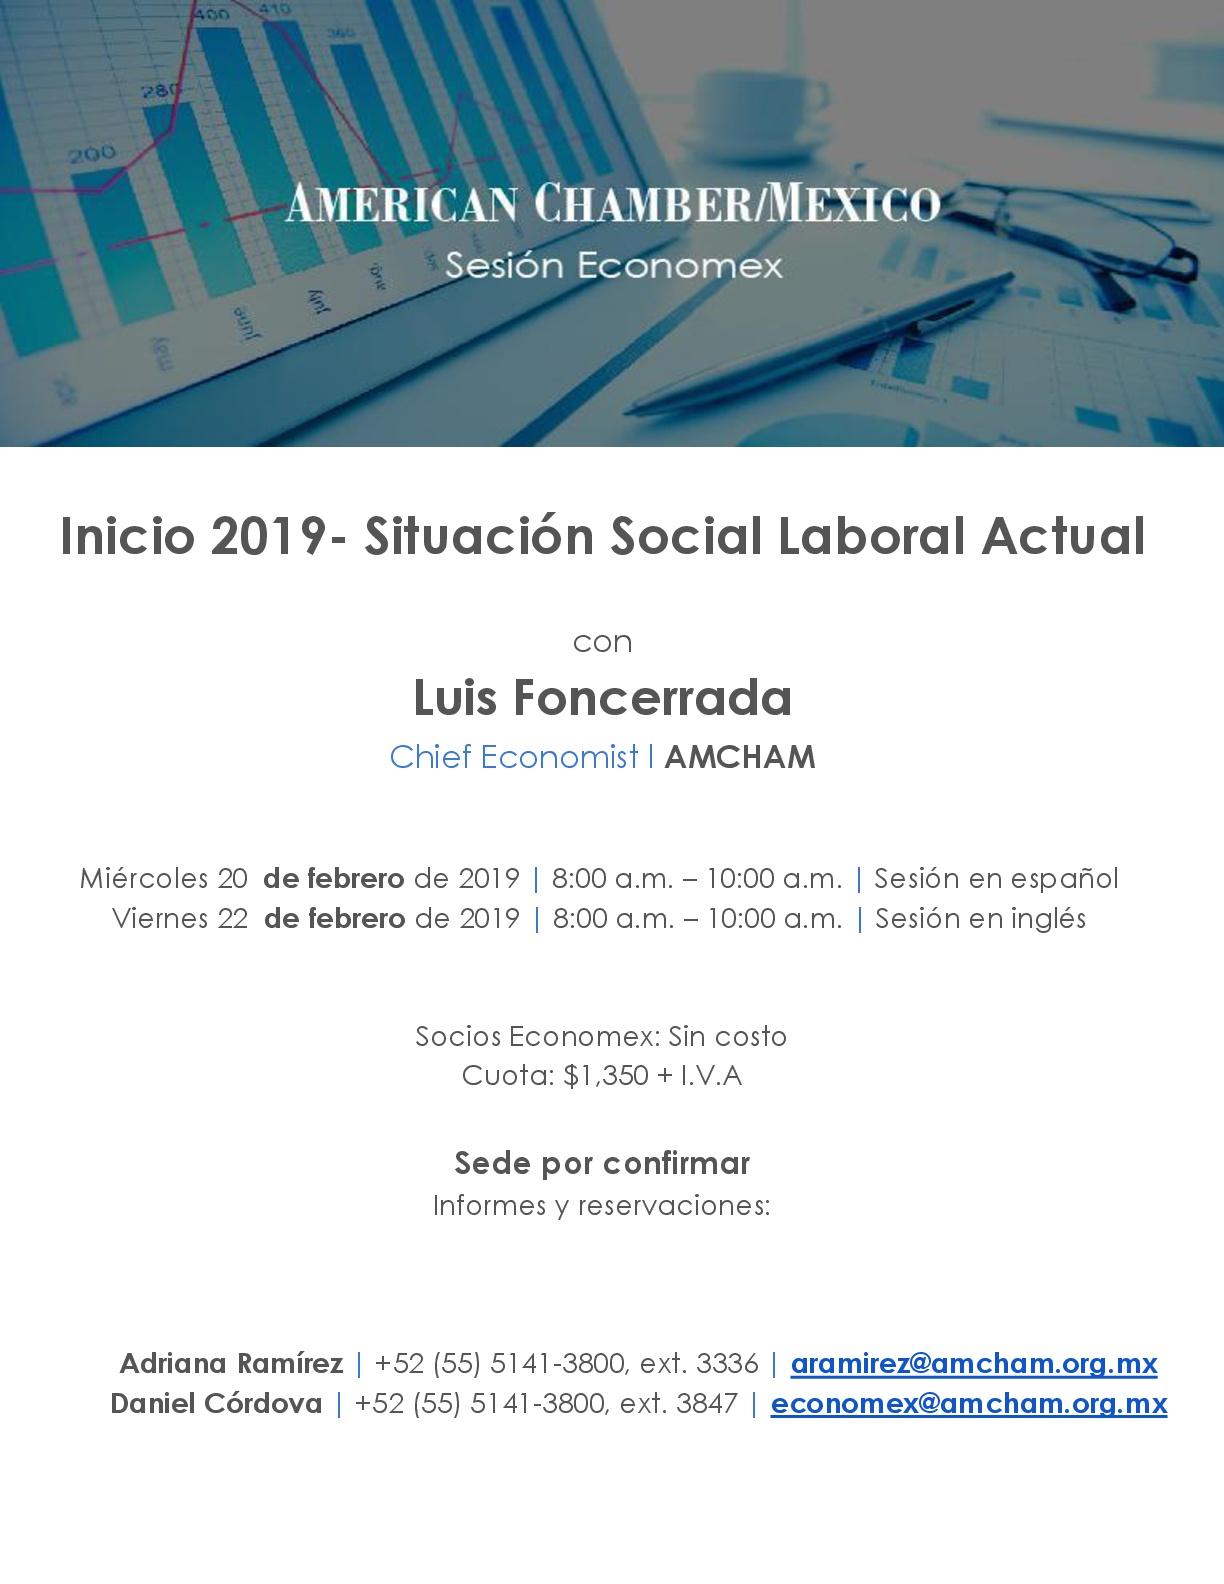 Sesión Economex: Inicio 2019- Situación Social Laboral Actual